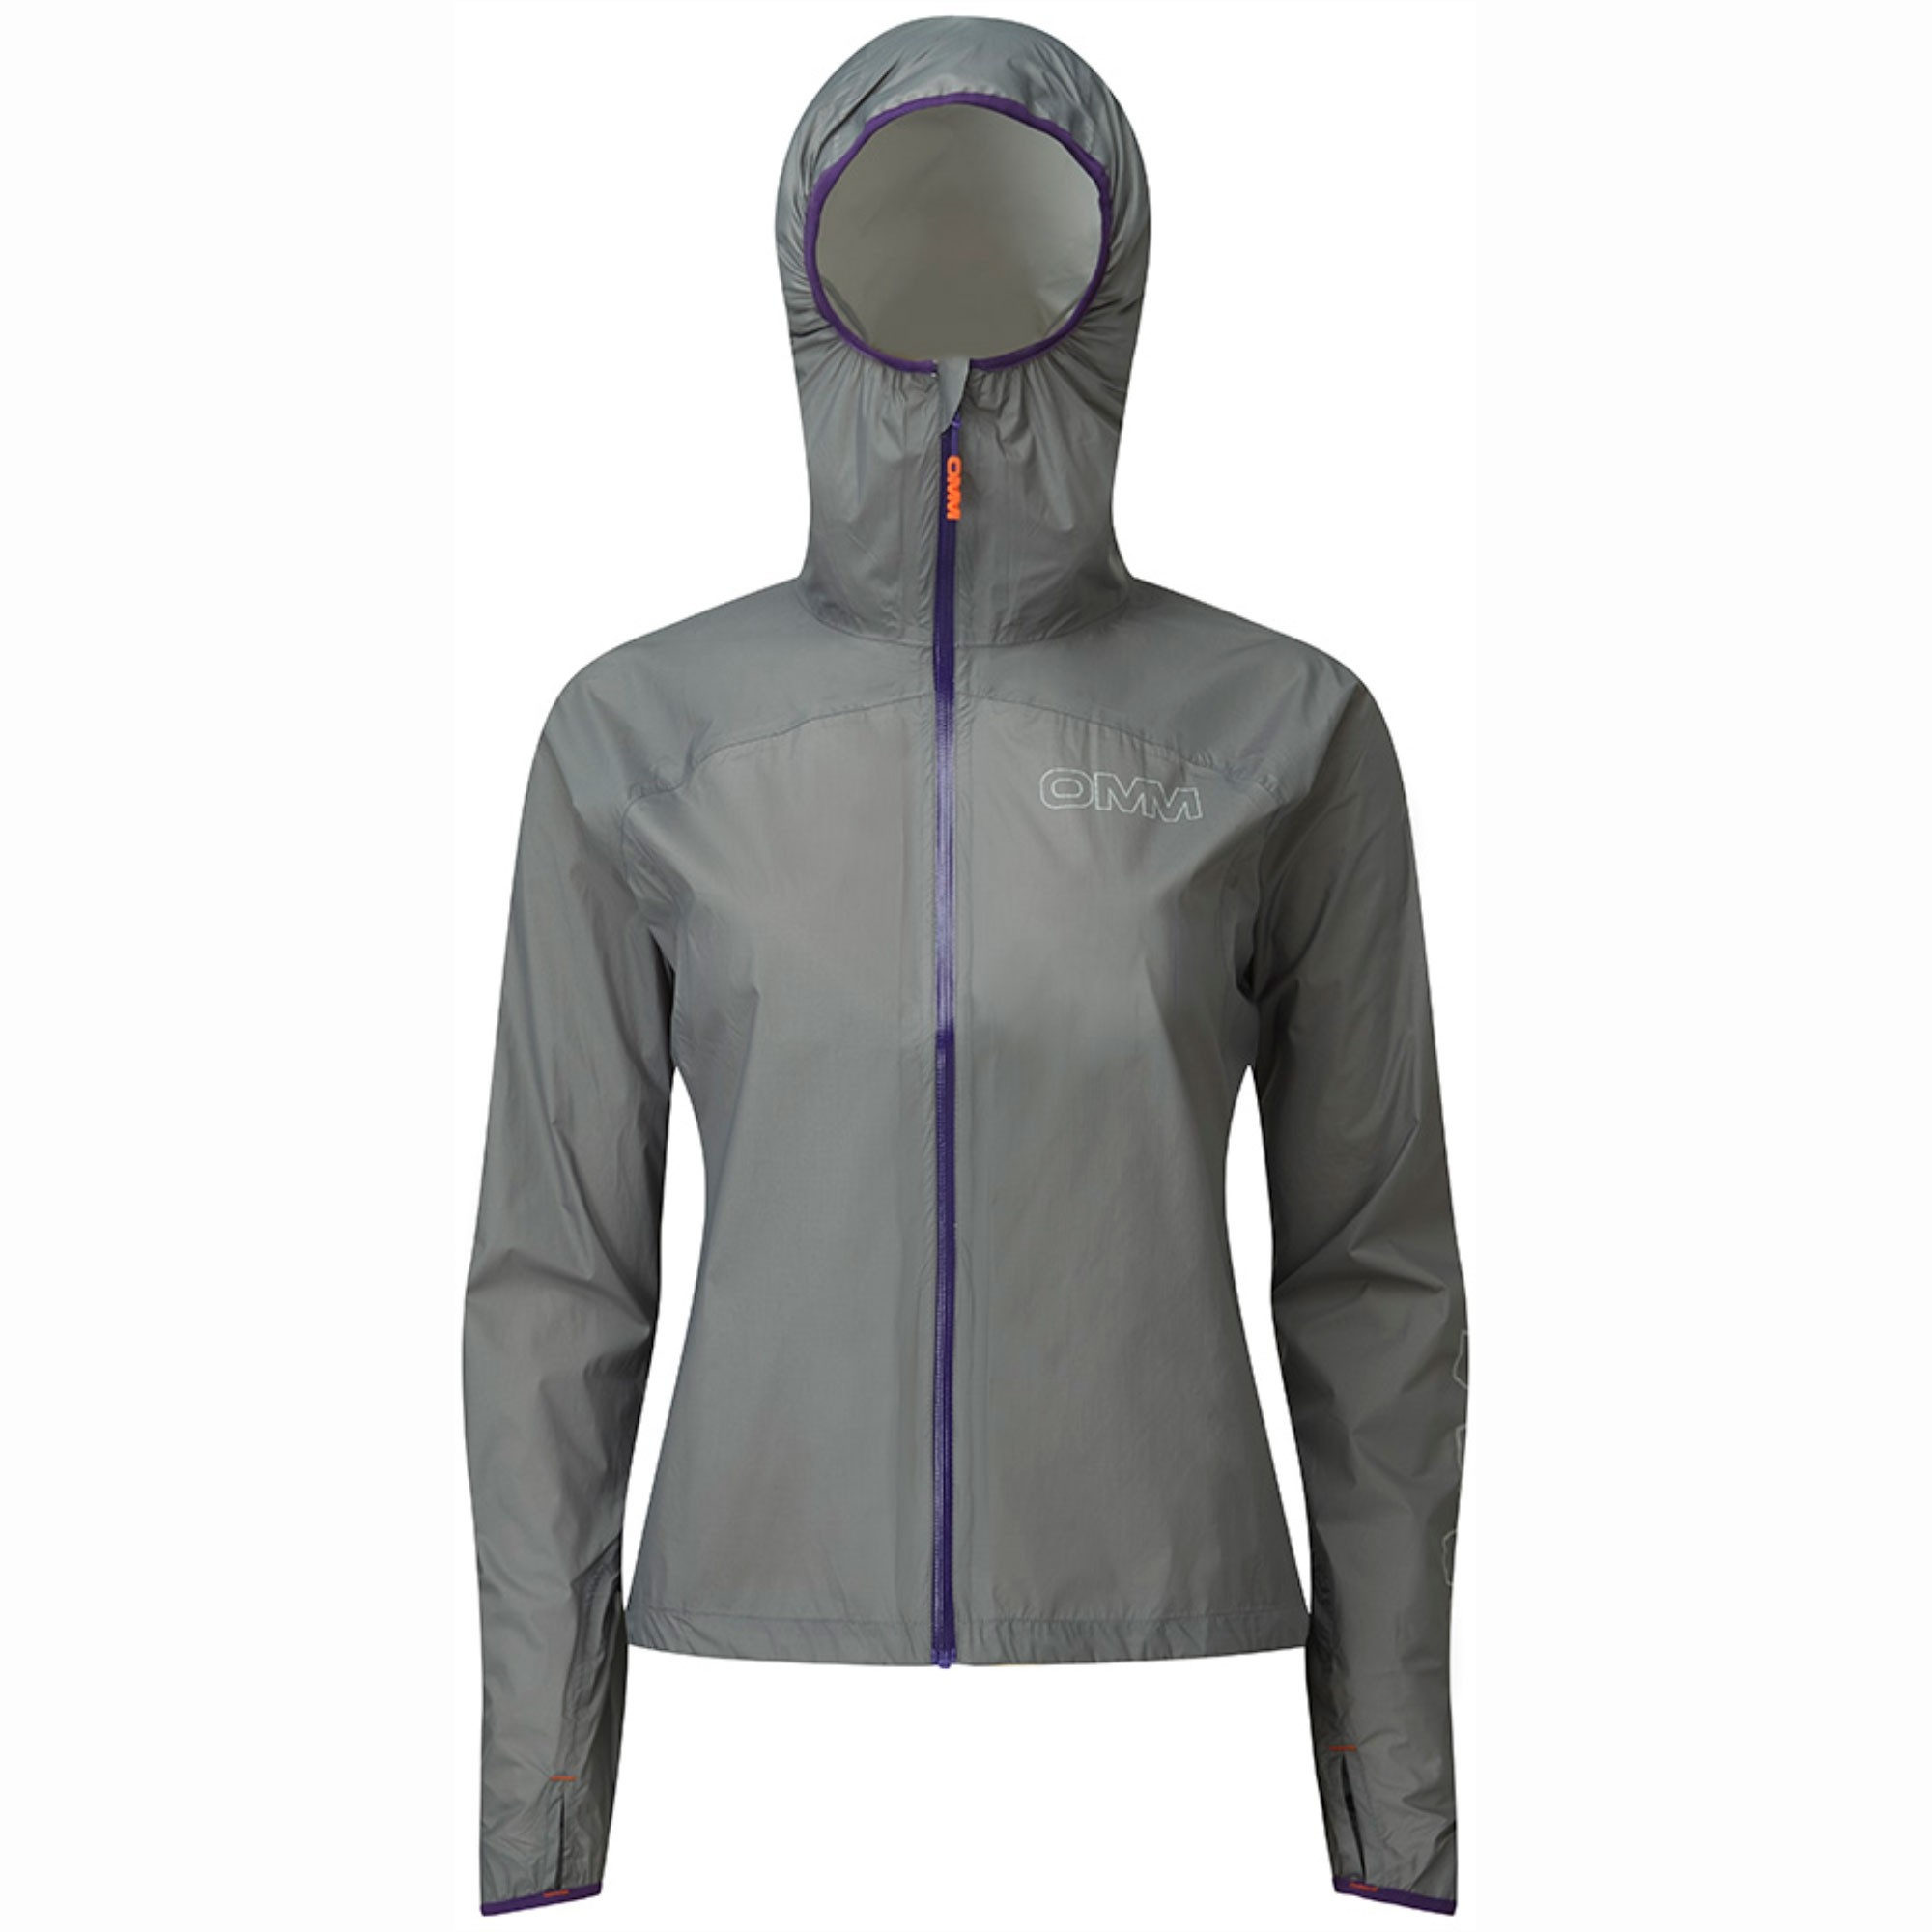 OMM Halo Ultralight Women's Waterproof Jacket - Grey